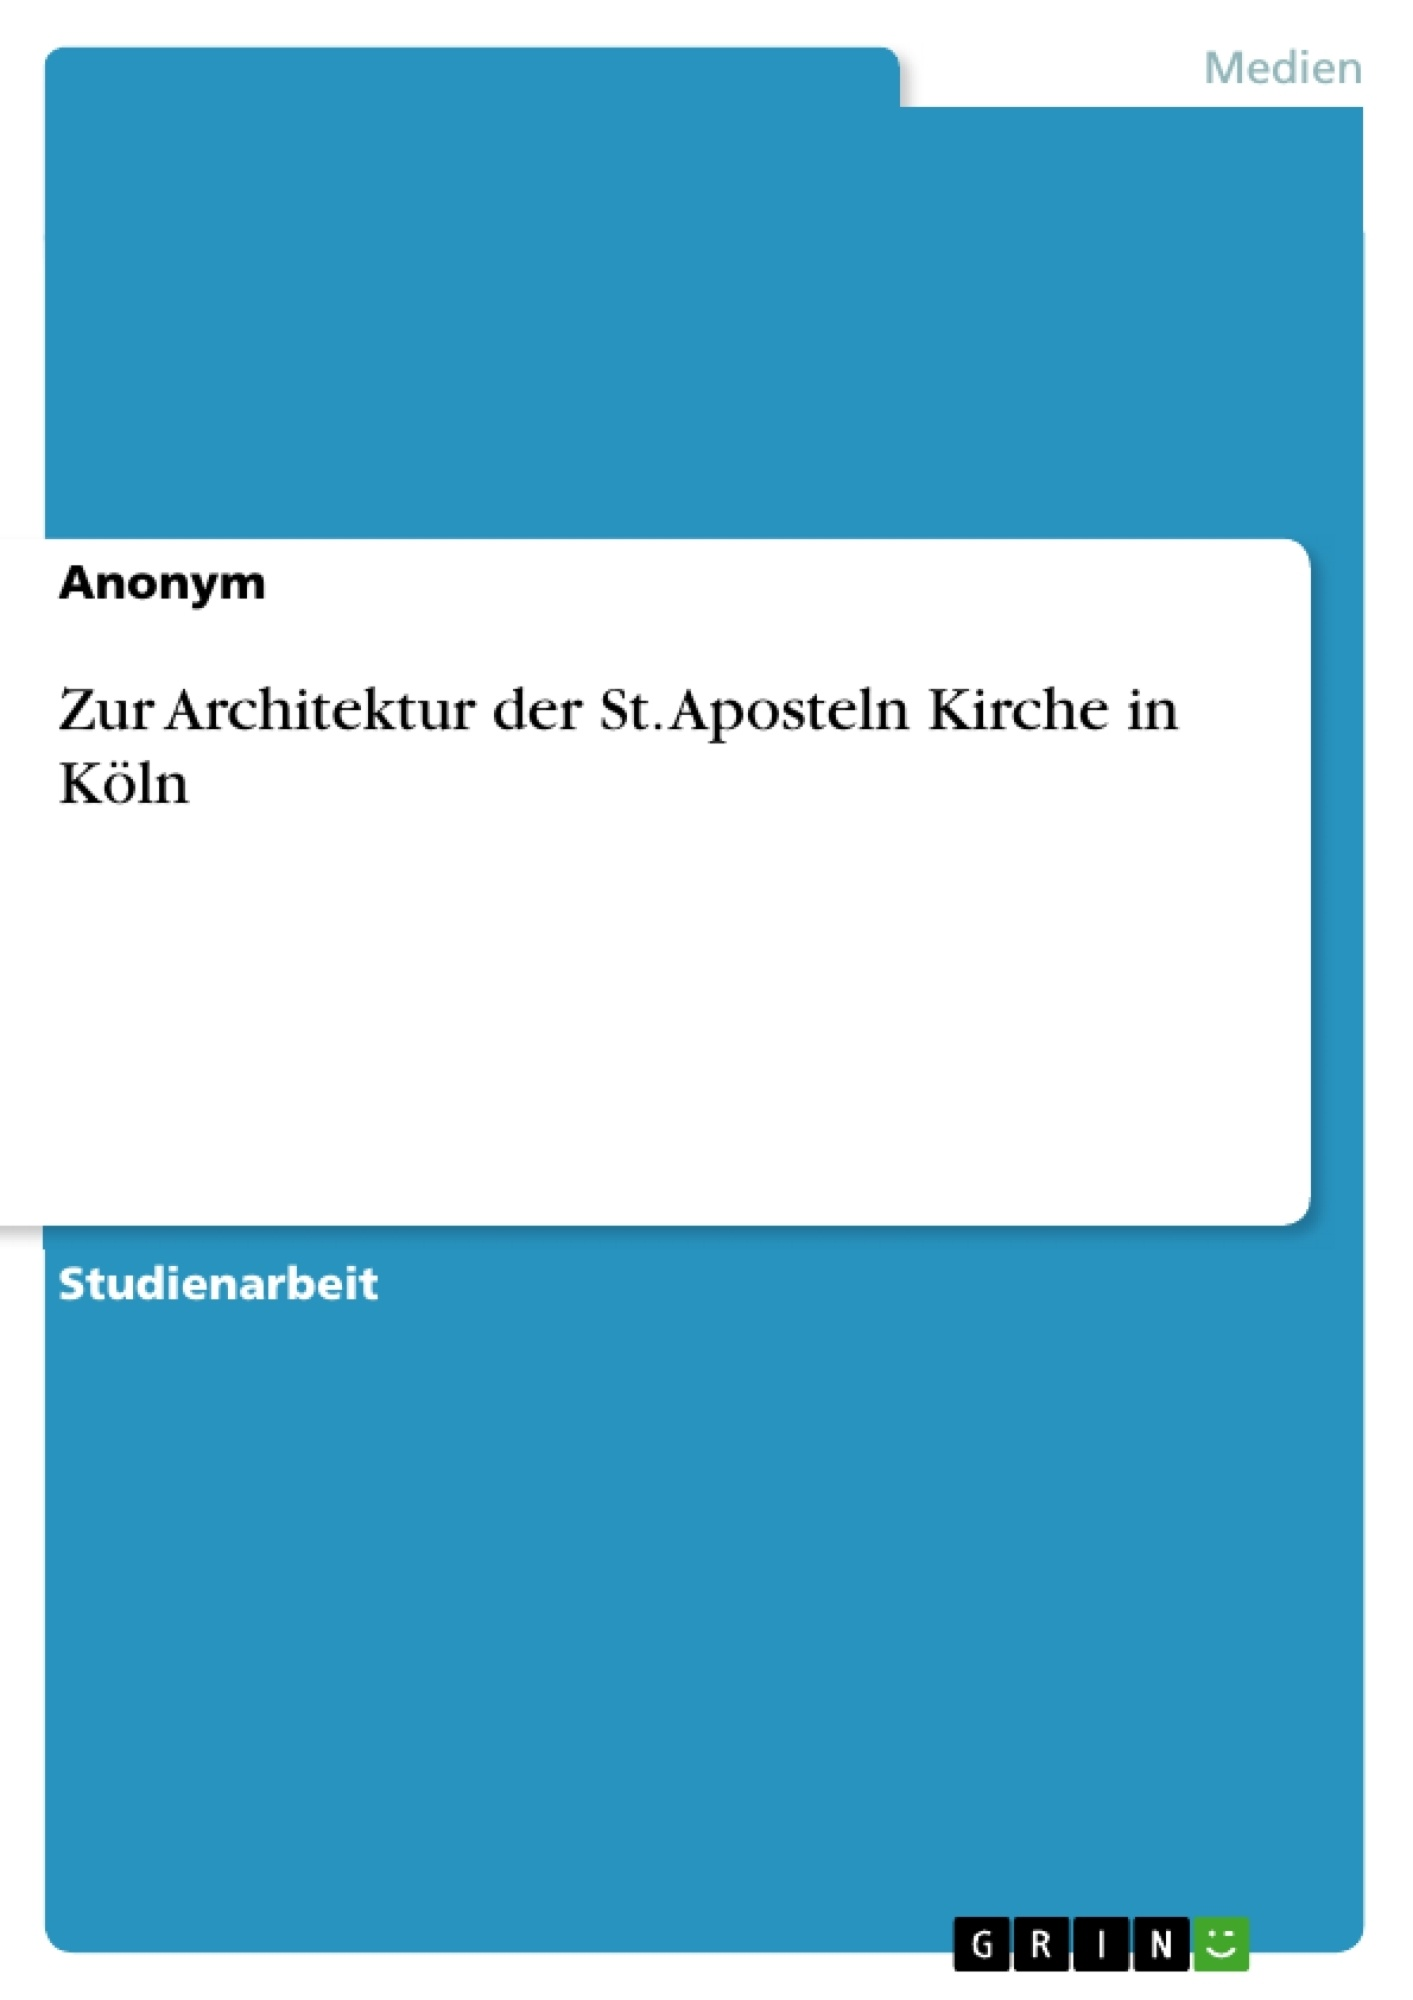 Titel: Zur Architektur der St. Aposteln Kirche in Köln